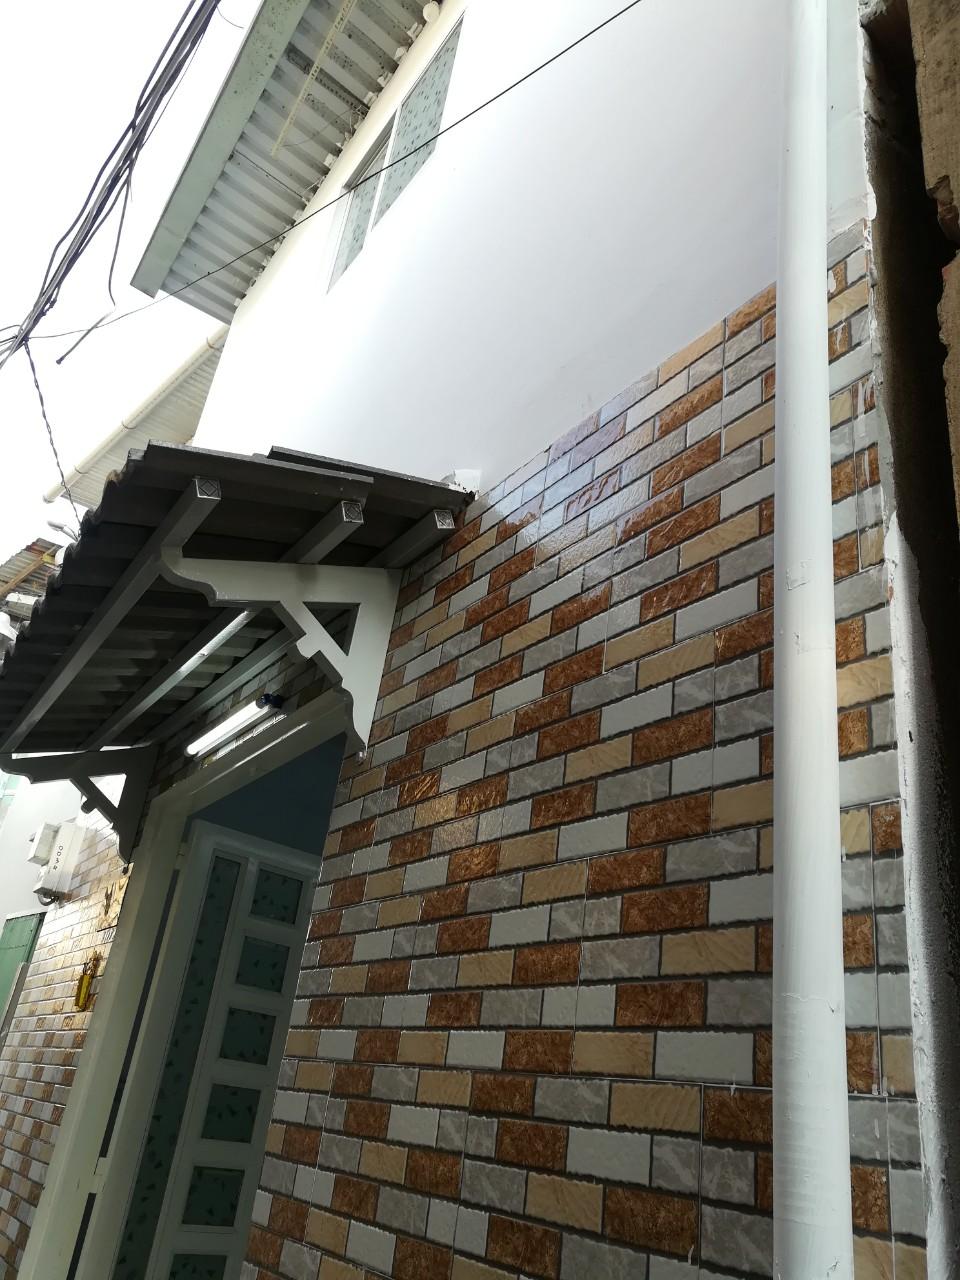 Bán nhà riêng đường Đình An Tài phường 7 Quận 8 giá rẻ dưới 1 tỷ